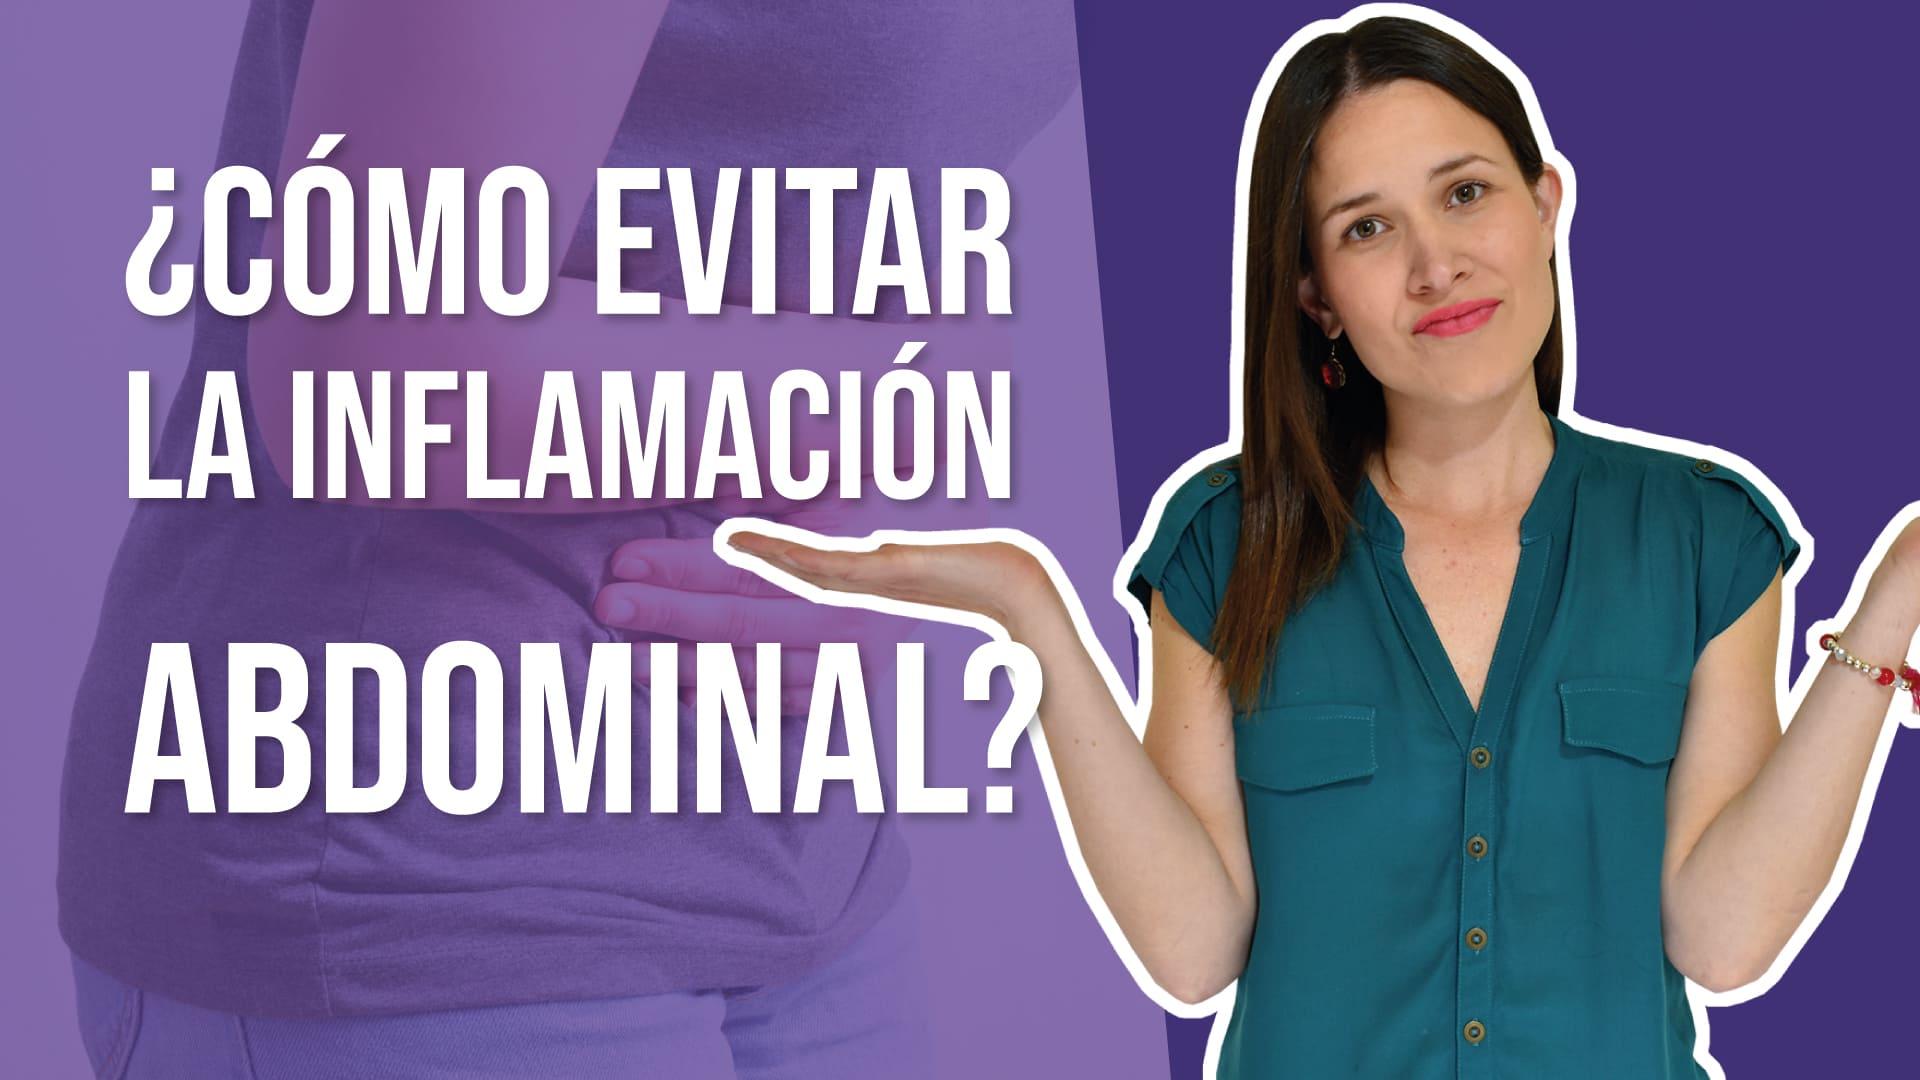 cómo evitar inflamación abdominal